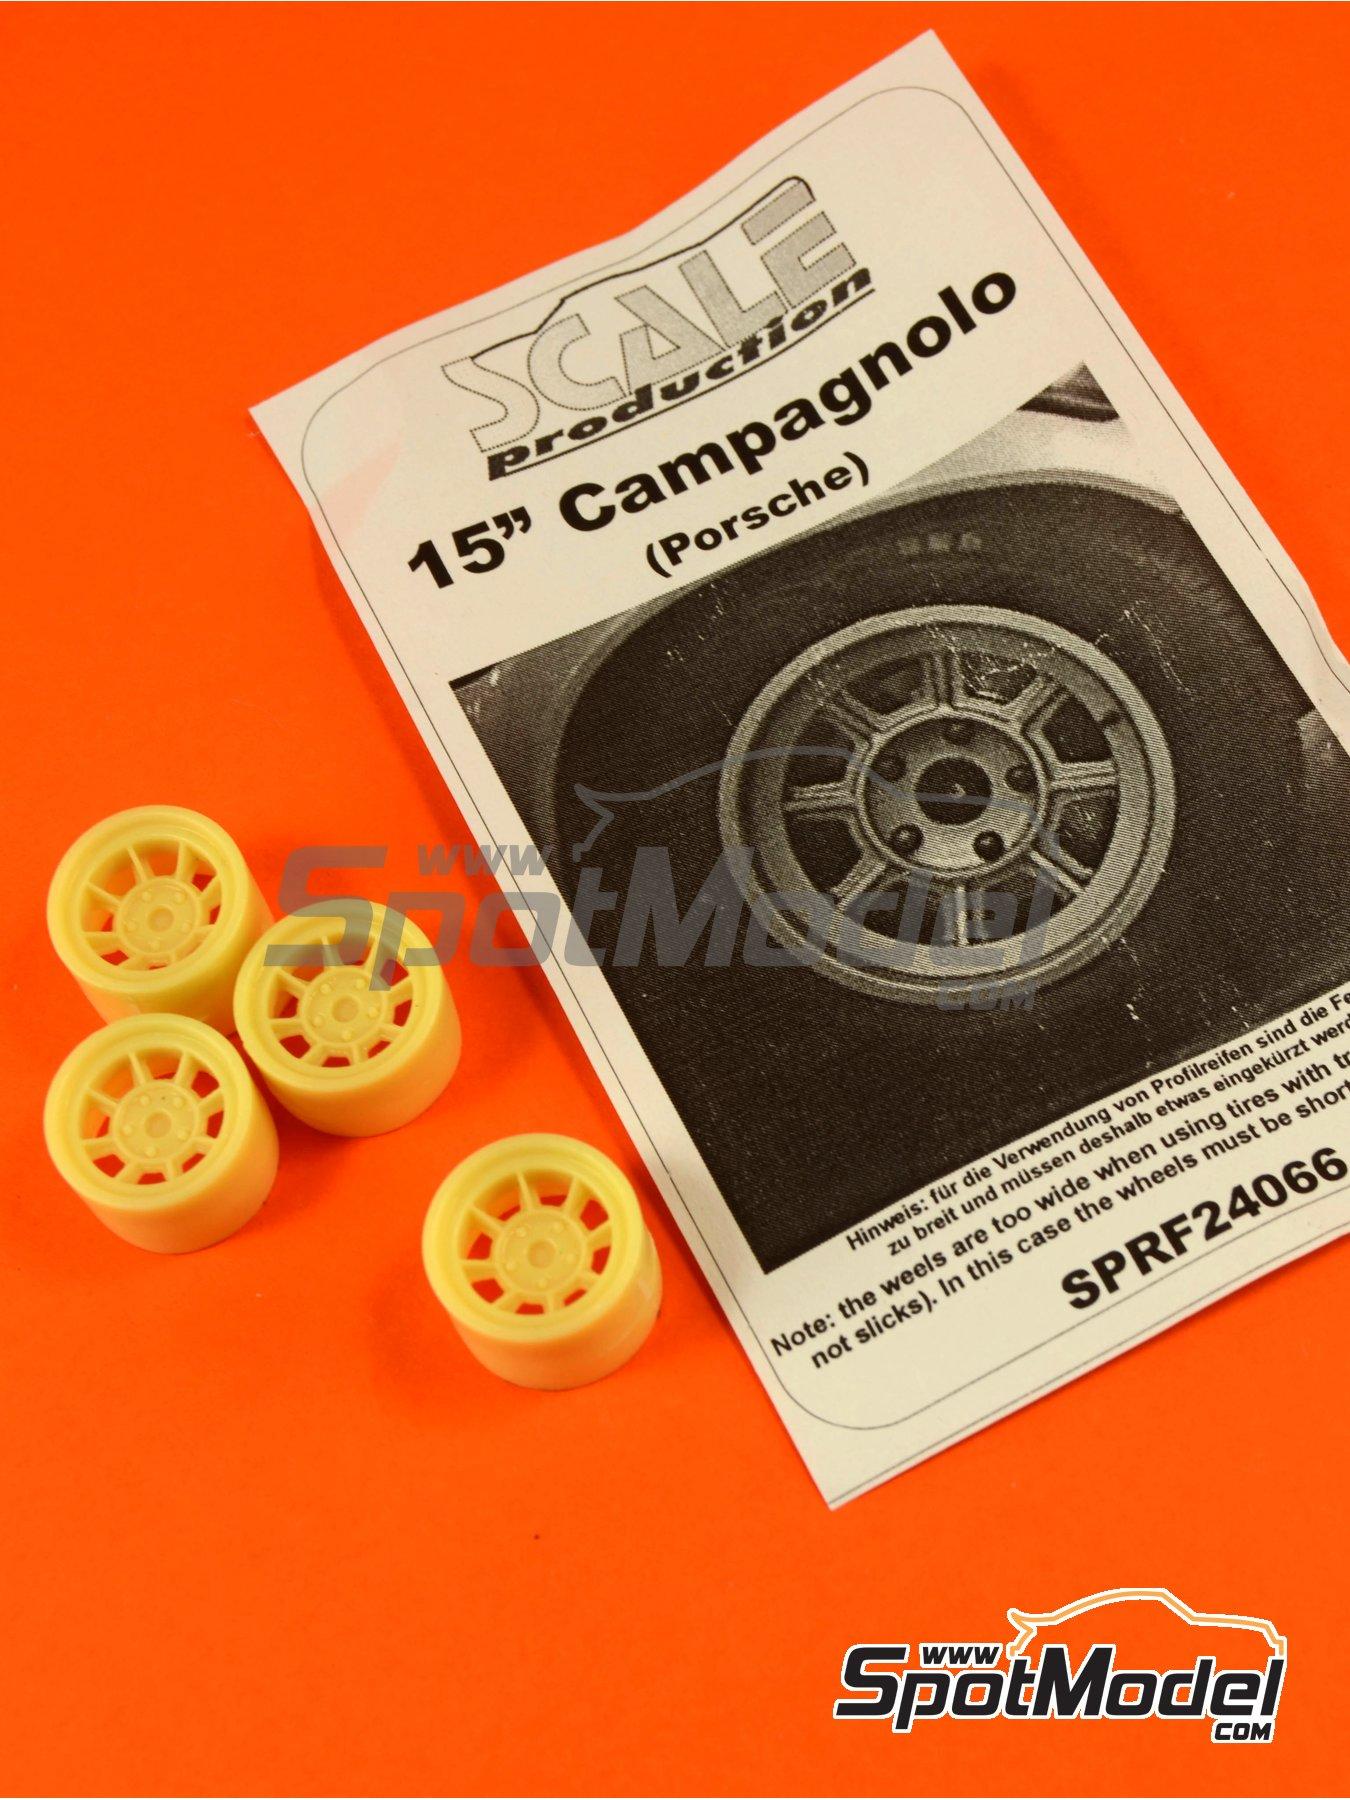 Campagnolo de 15 pulgadas para vehículos Porsche clásicos | Llantas en escala1/24 fabricado por Scale Production (ref.SPRF24066) image